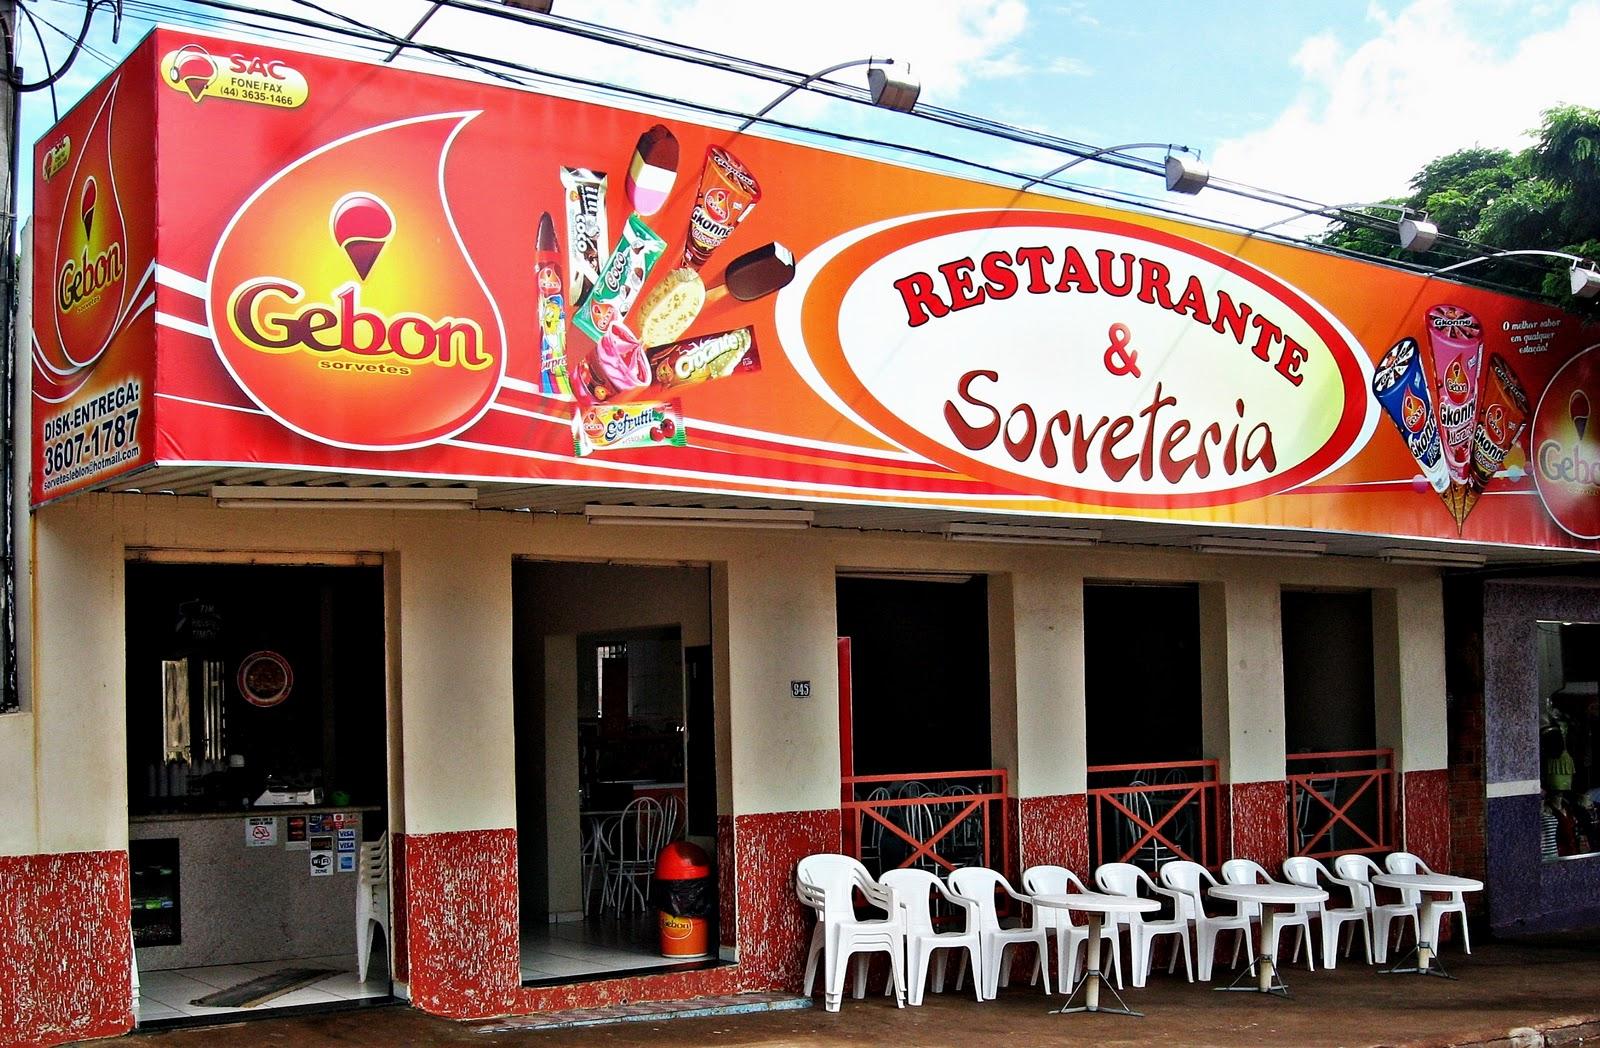 Restaurante e sorveteria leblon fotos for Fachada para restaurante